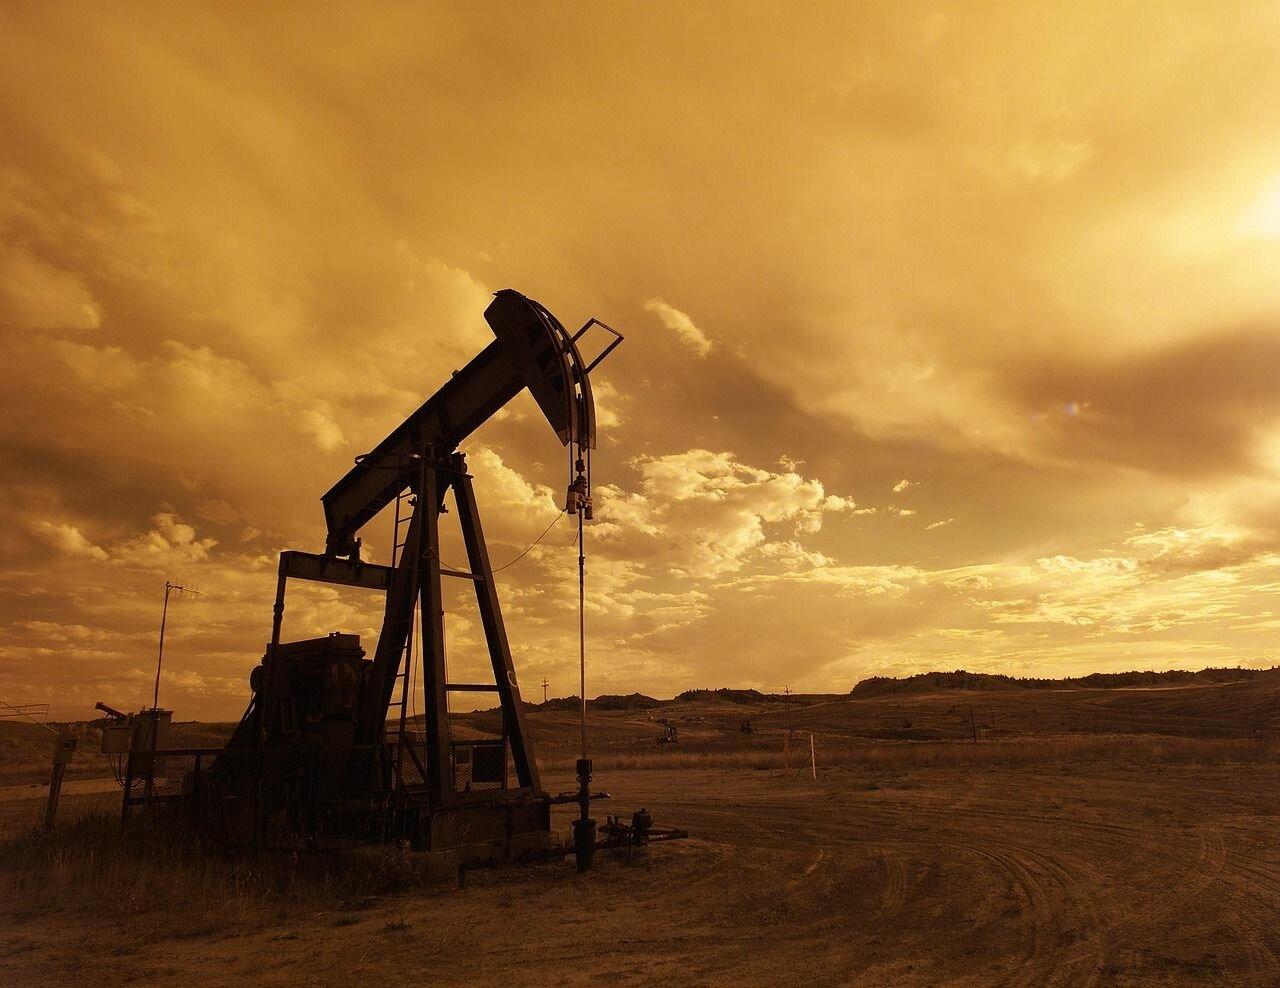 Сделка Британии с ЕС сумела вернуть контроль над границей и сократить потери в доходах нефтяных бирж